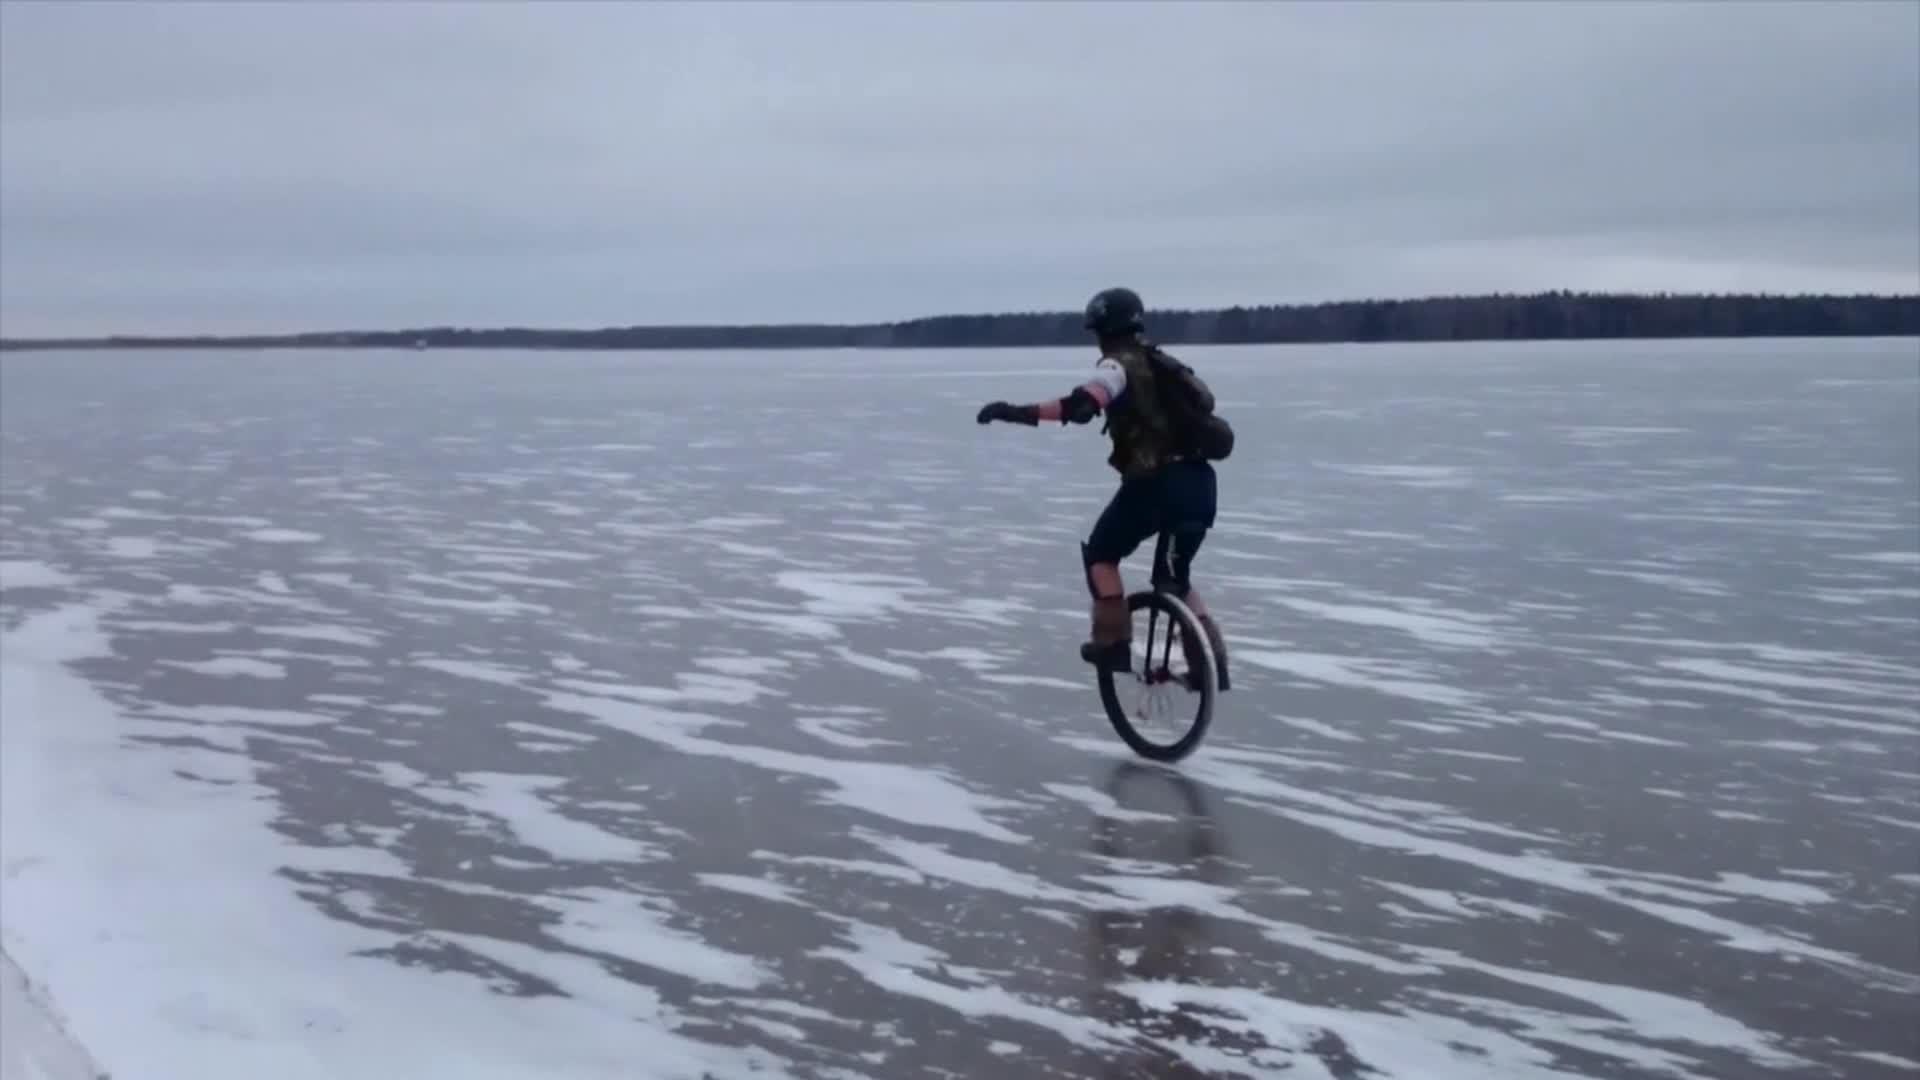 Les geeks du monocycle - Masha en Russie